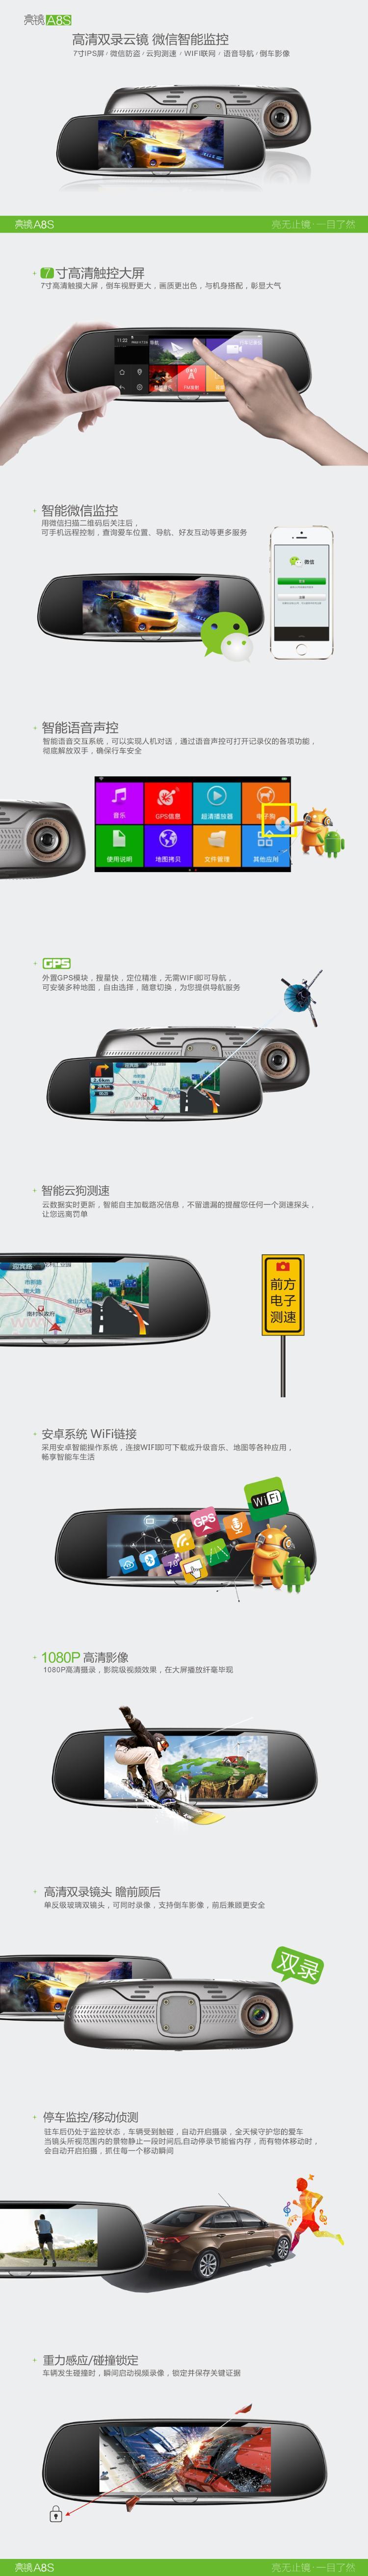 官网行车记录仪-A8S-920.jpg